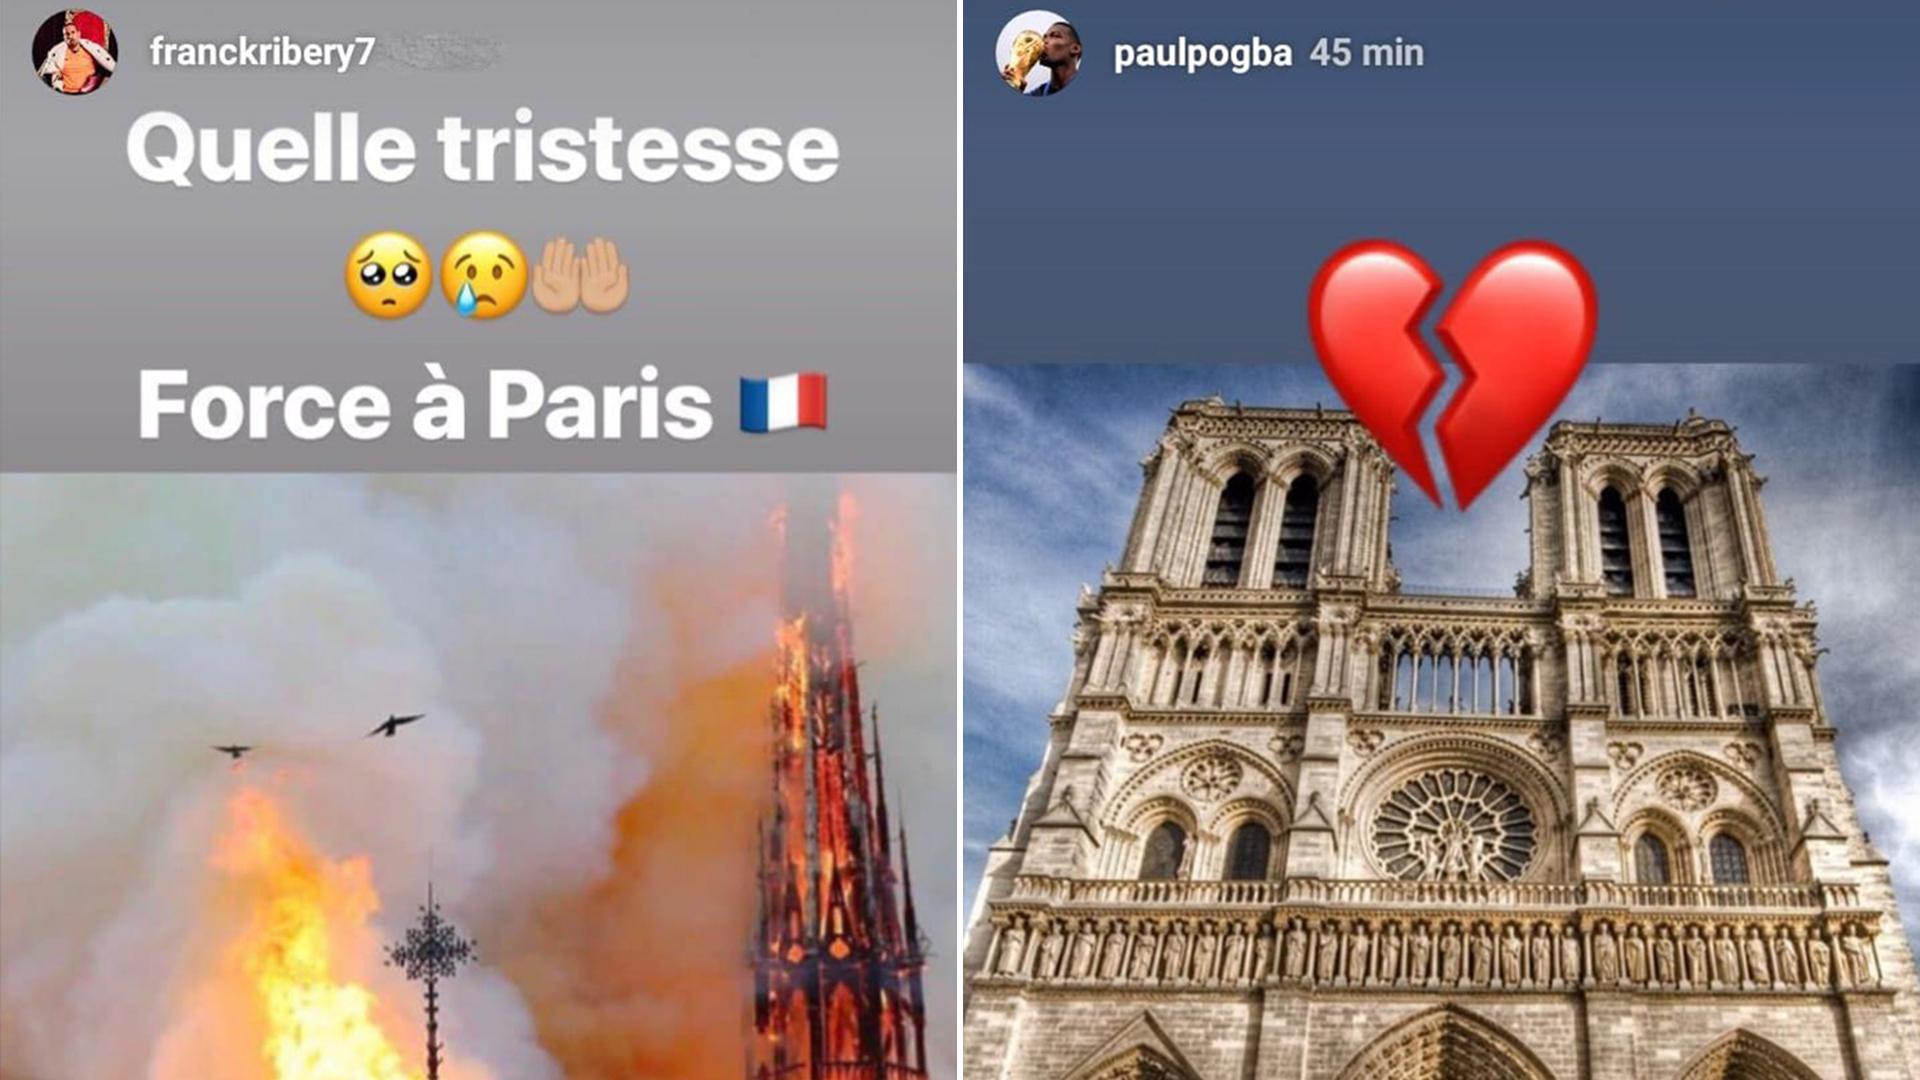 Los posteos de los futbolistas franceses Pogba y Ribery